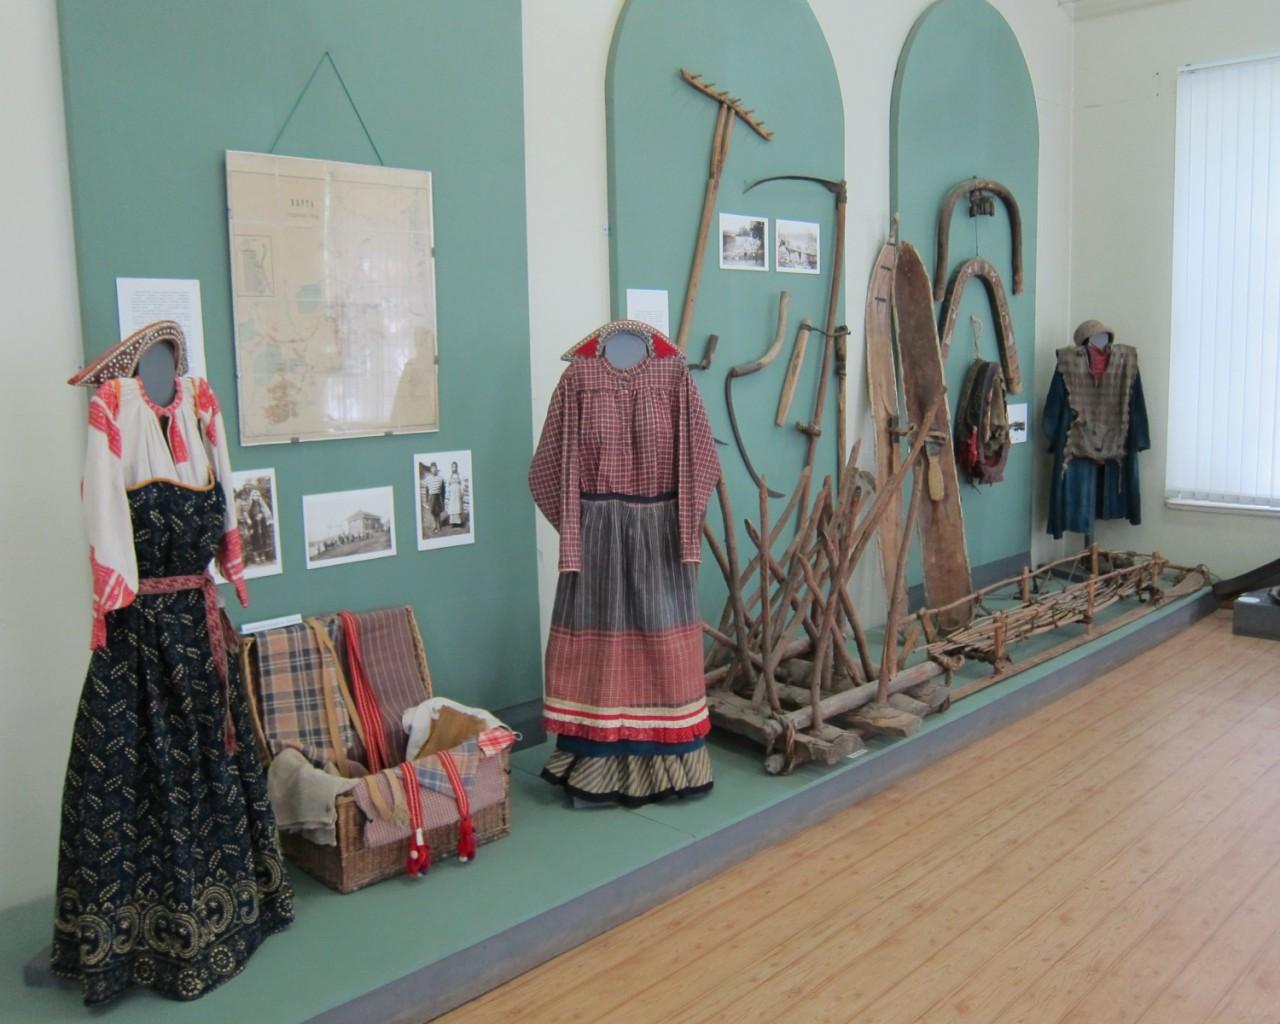 В Прикамье обсуждают закрытие музея в Чердыни